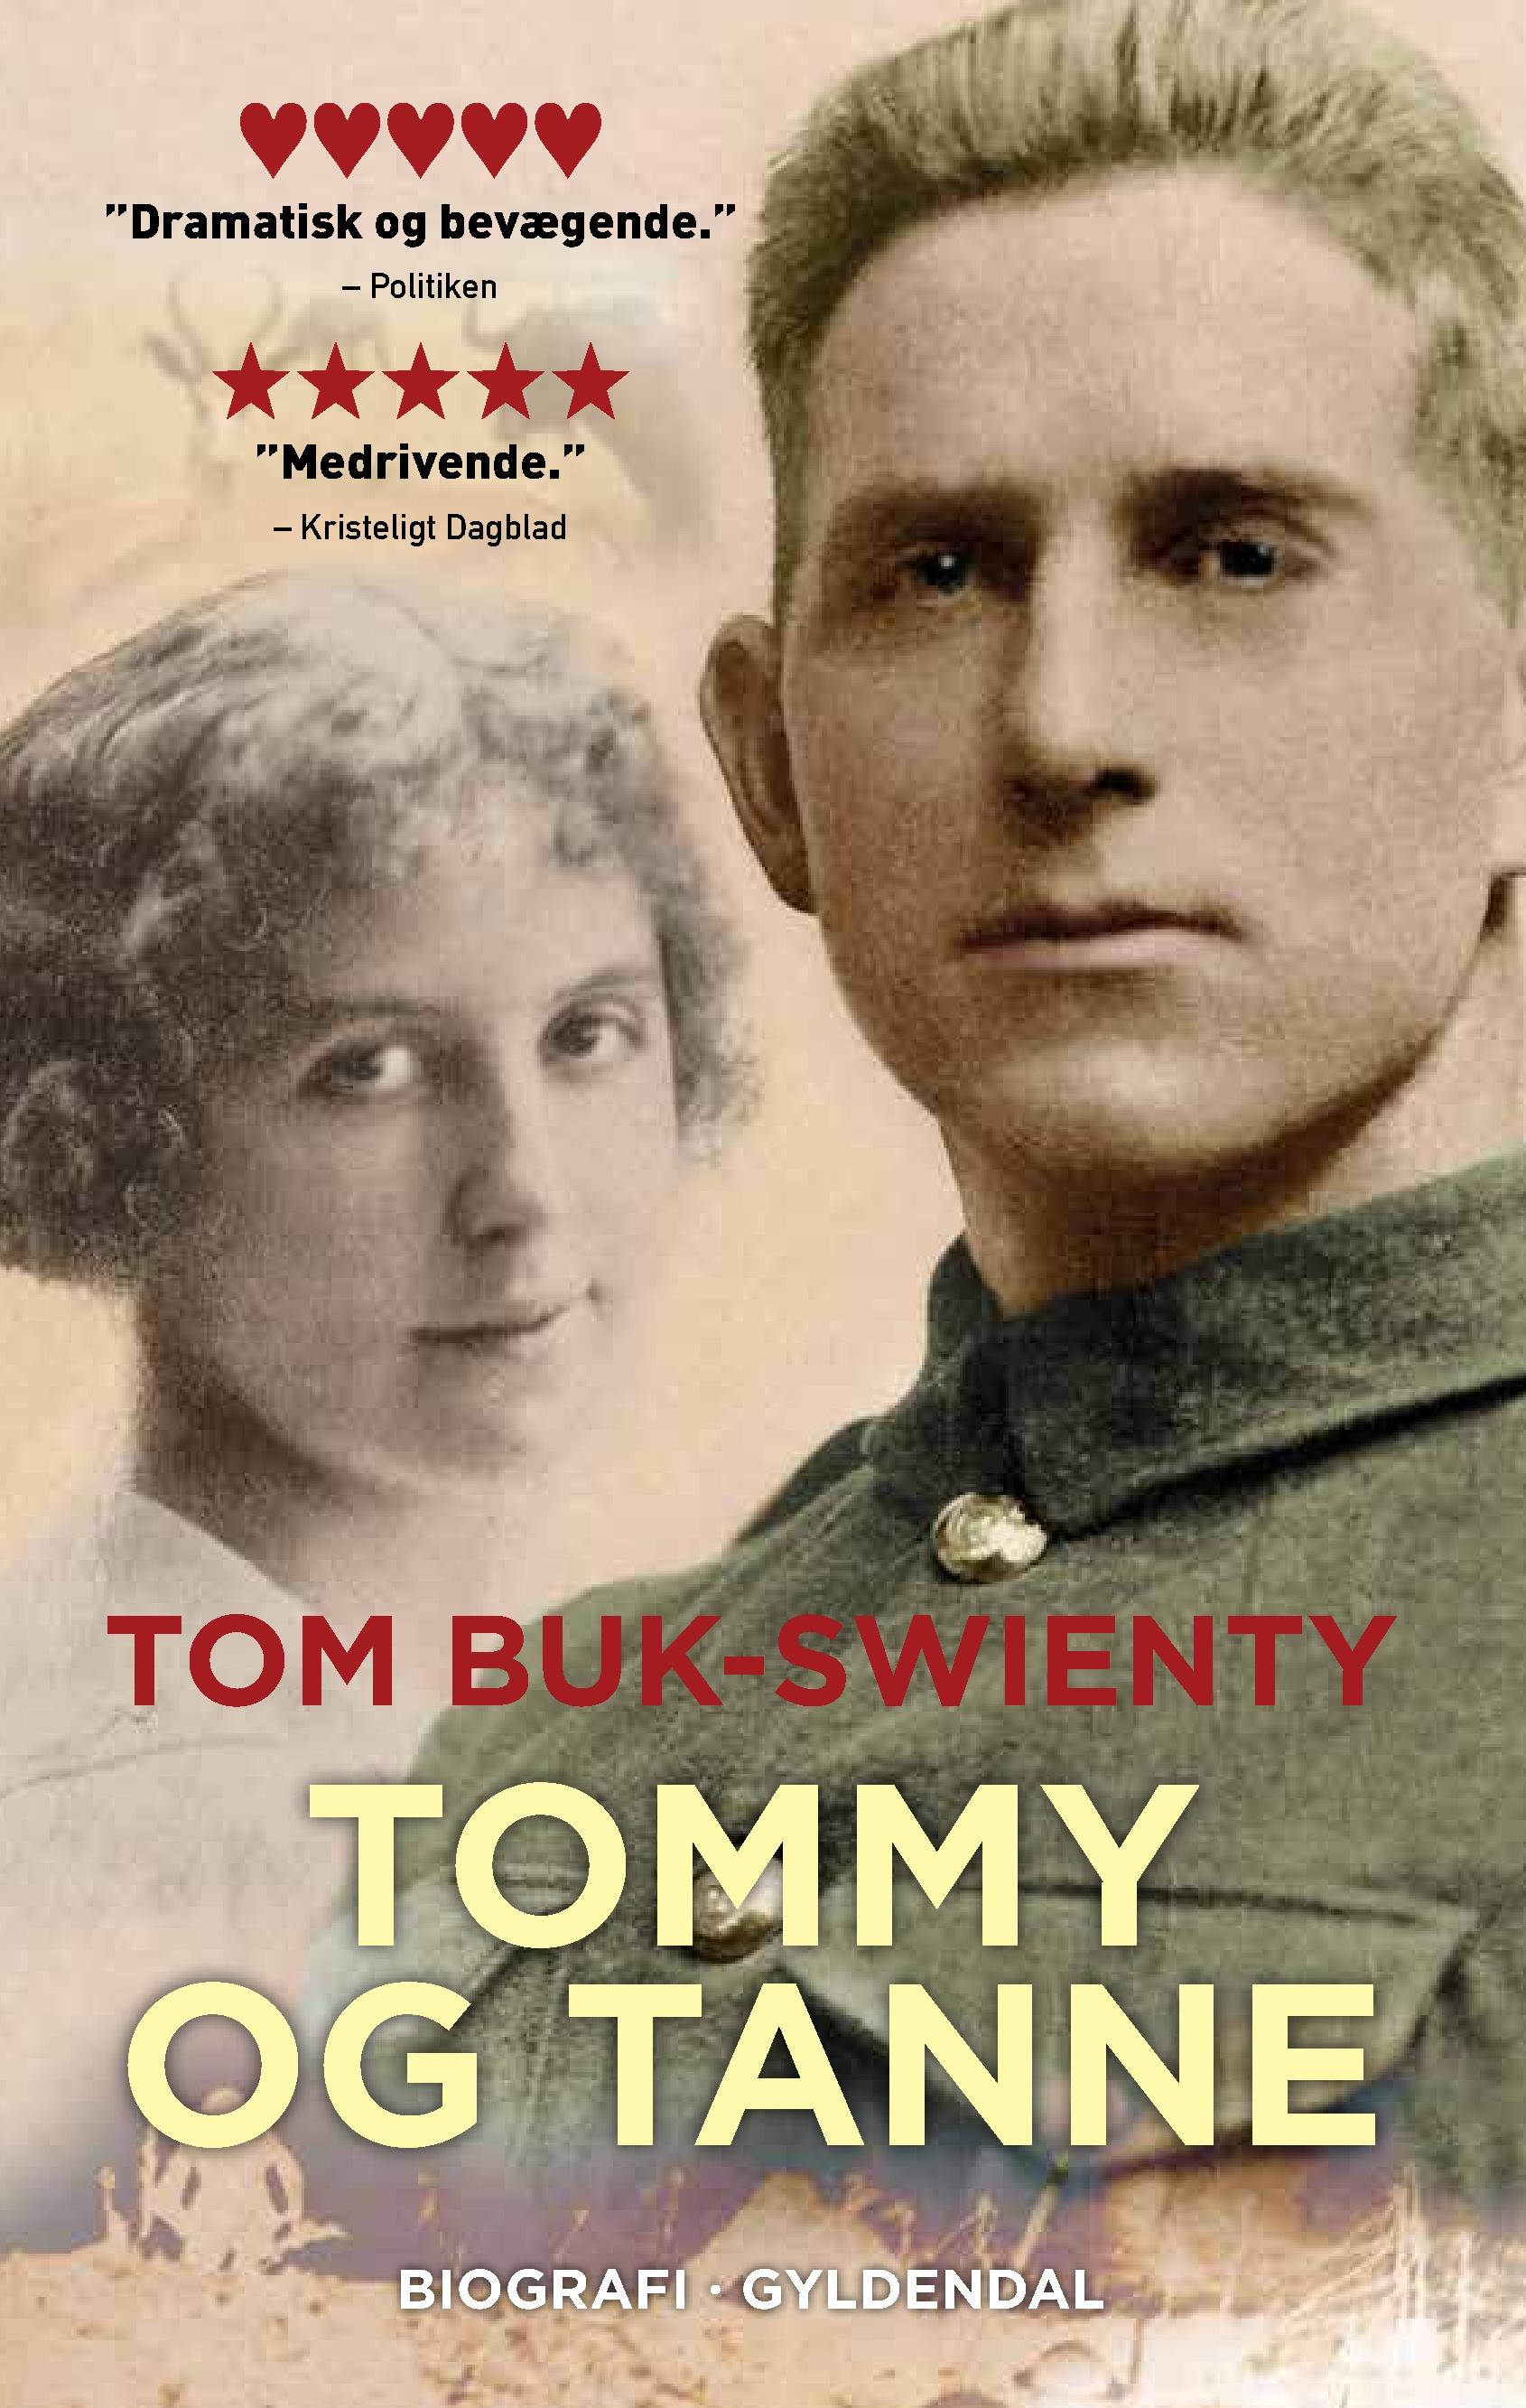 Tommy og Tanne - Tom Buk-Swienty - Bøger - Gyldendal - 9788702291797 - 22/8-2019